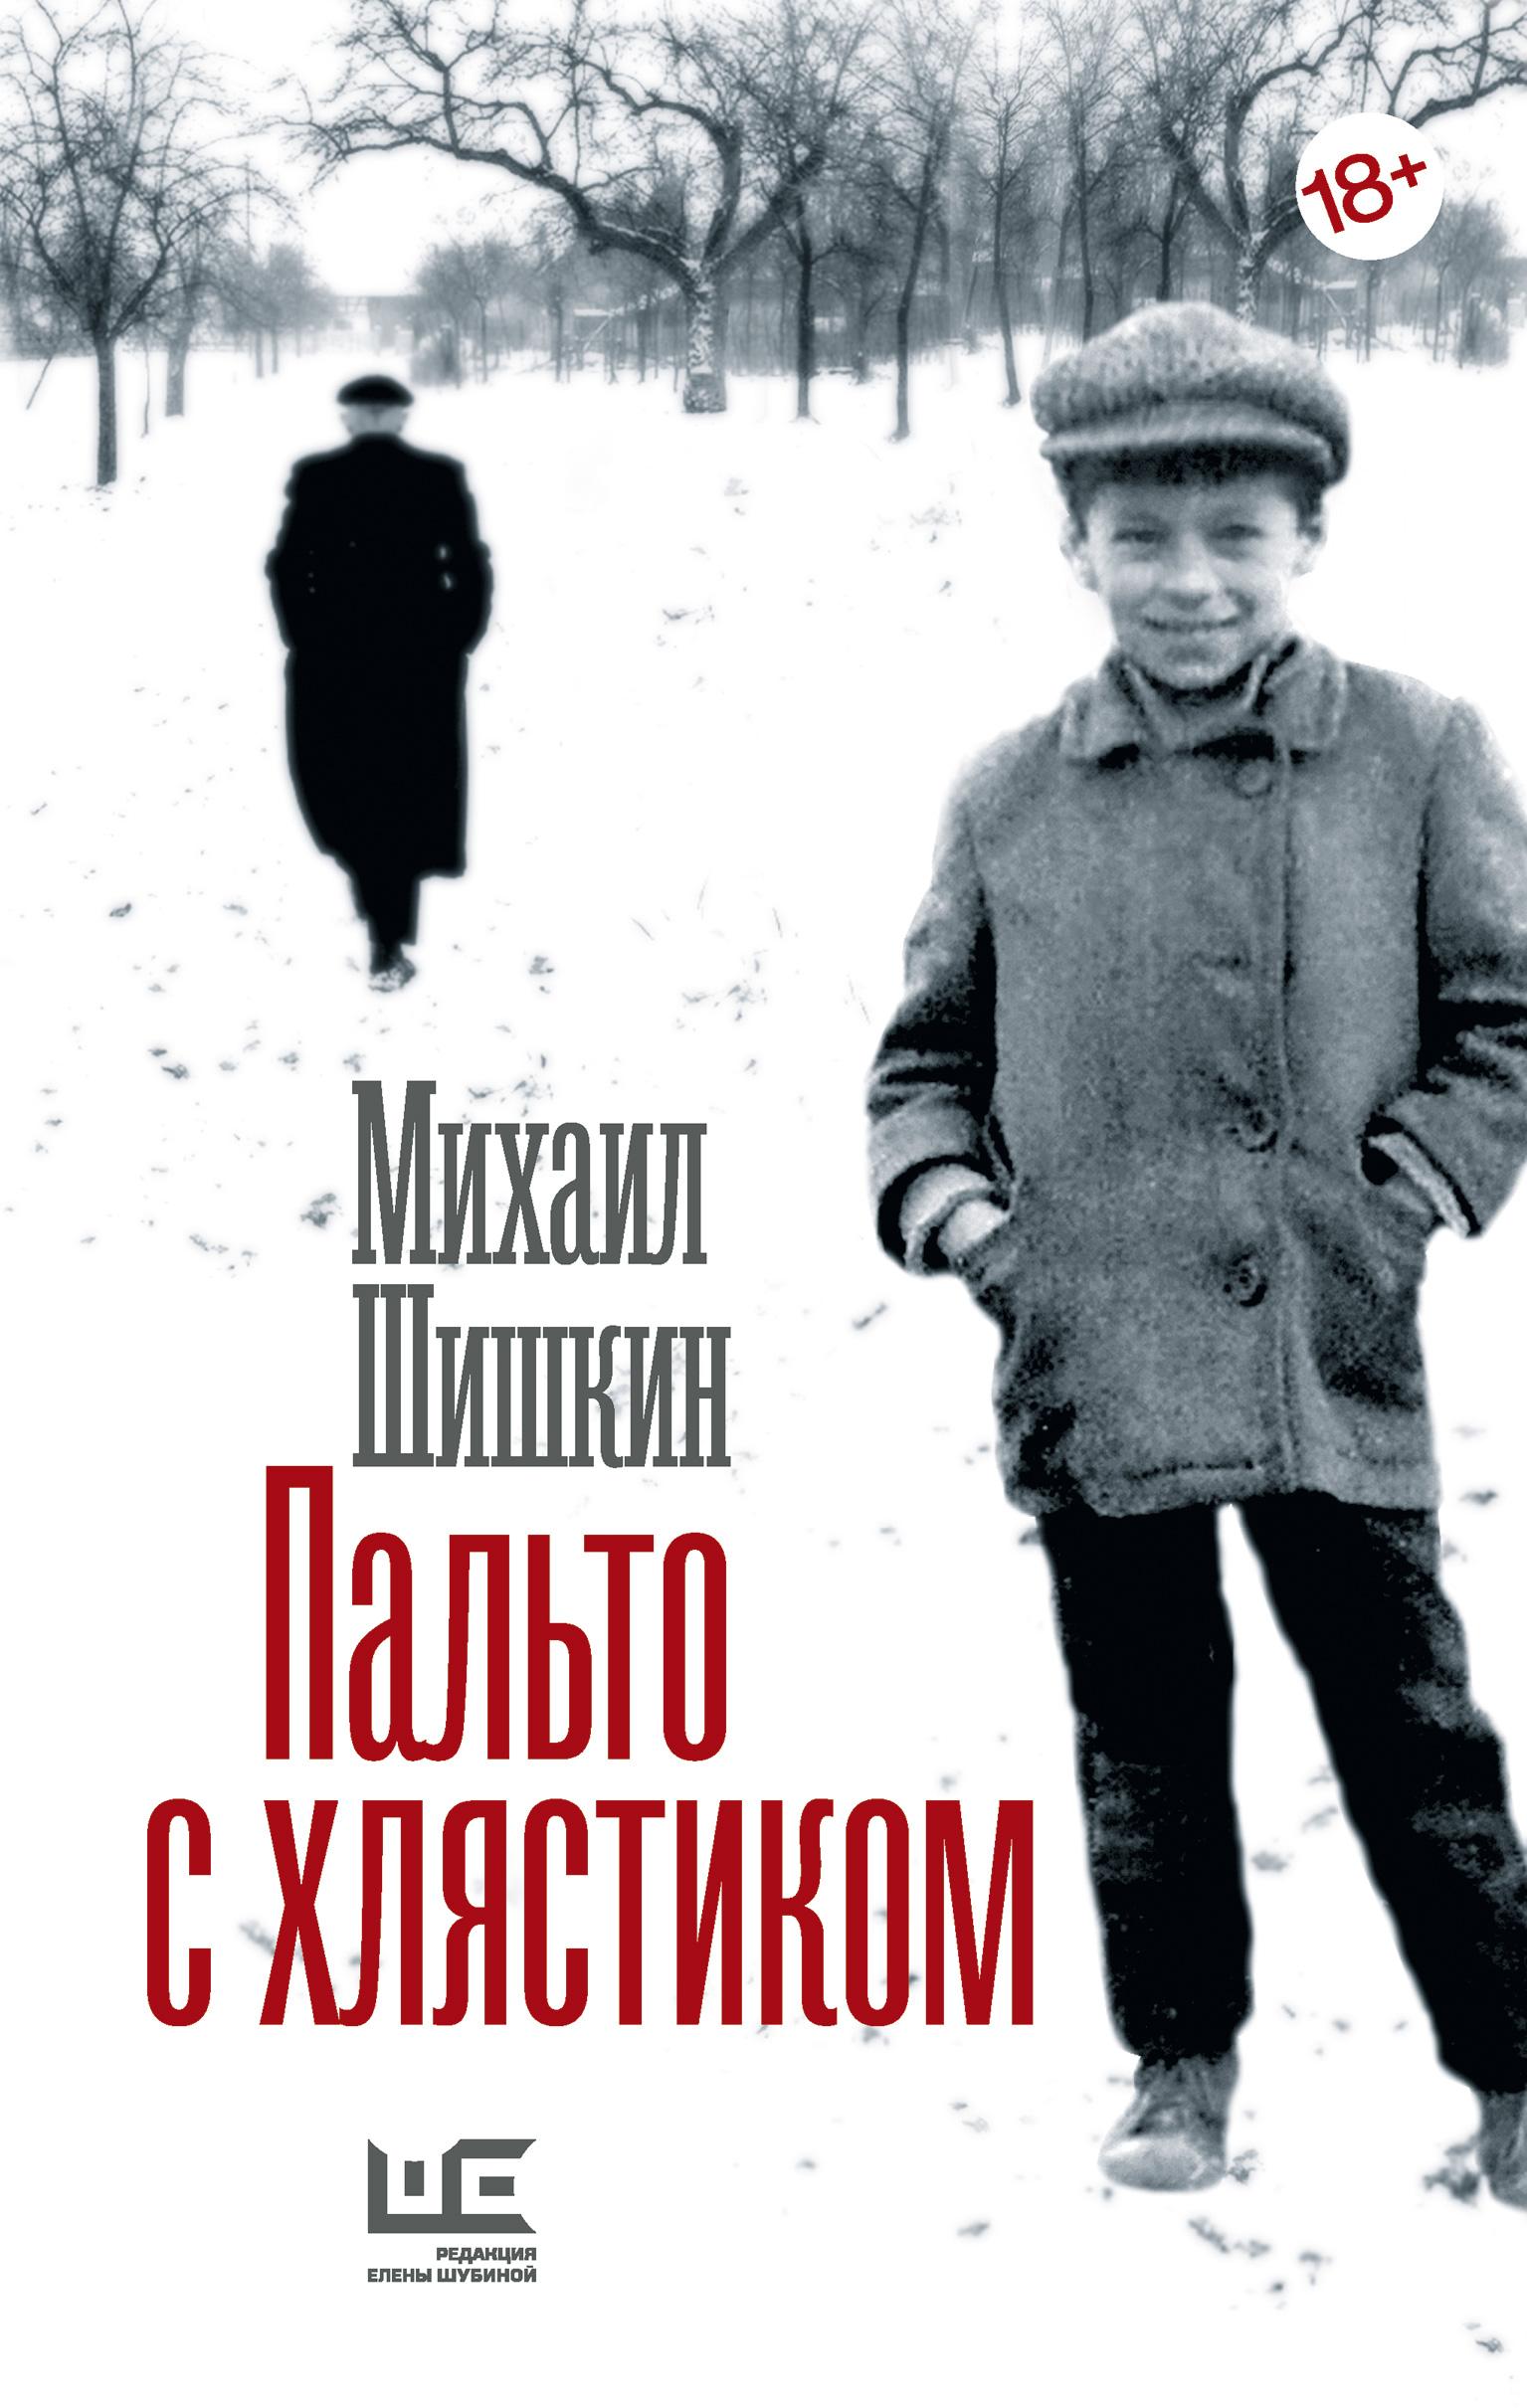 Михаил Шишкин Пальто с хлястиком. Короткая проза, эссе